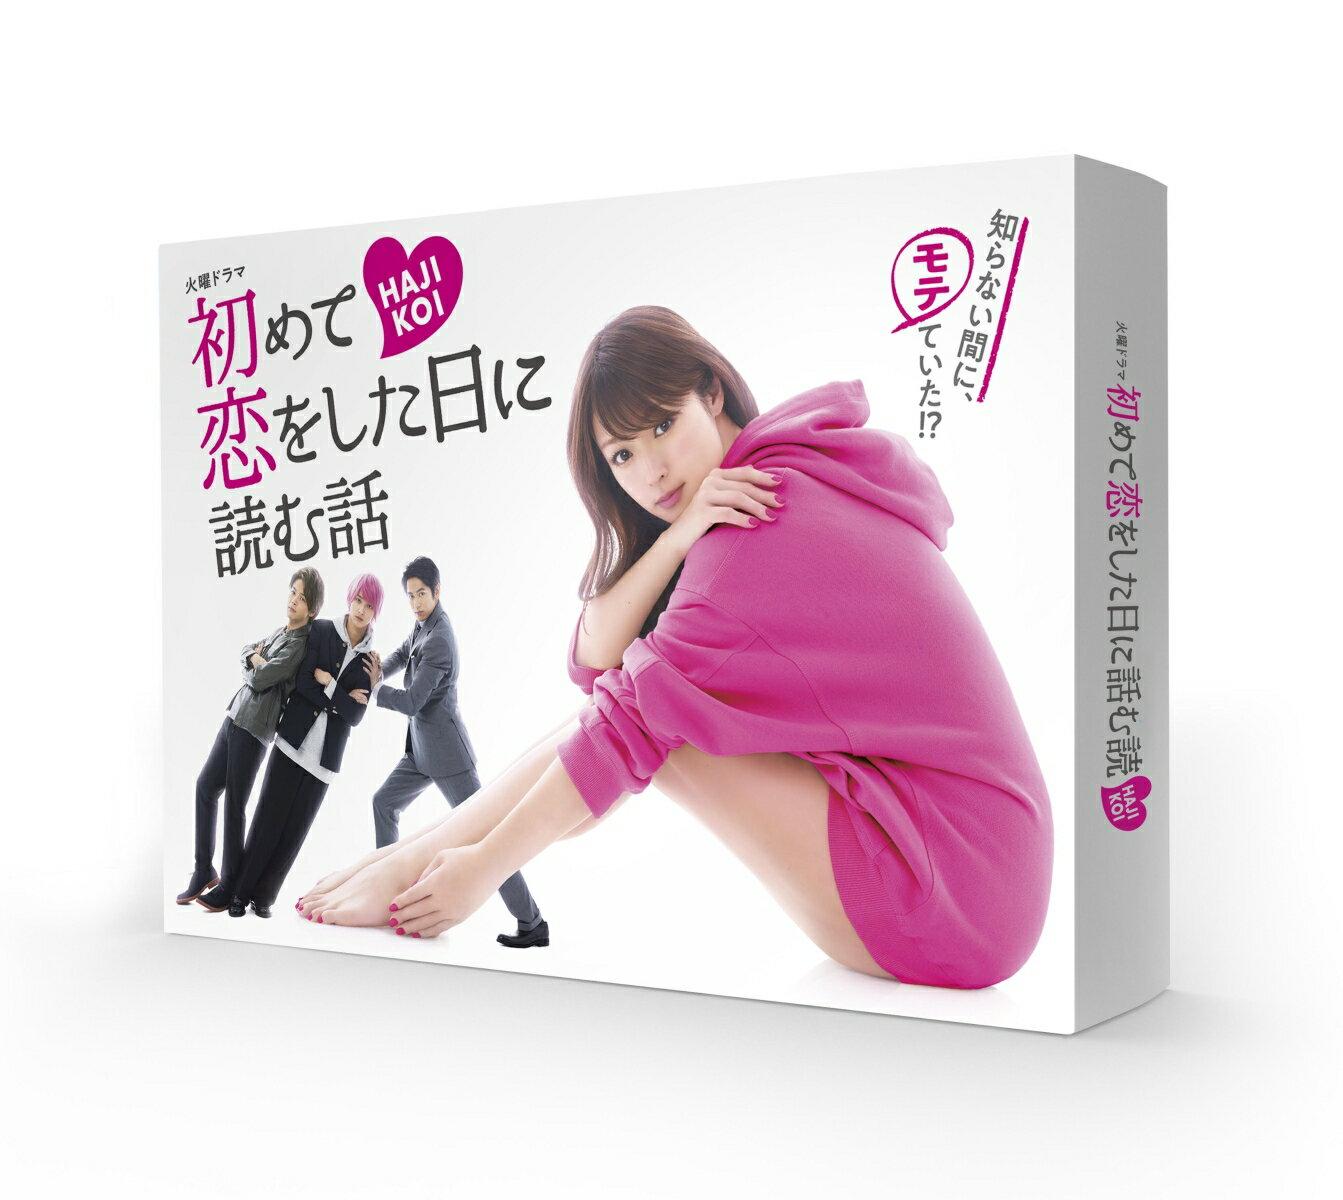 初めて恋をした日に読む話 Blu-ray BOX【Blu-ray】 [ 深田恭子 ]